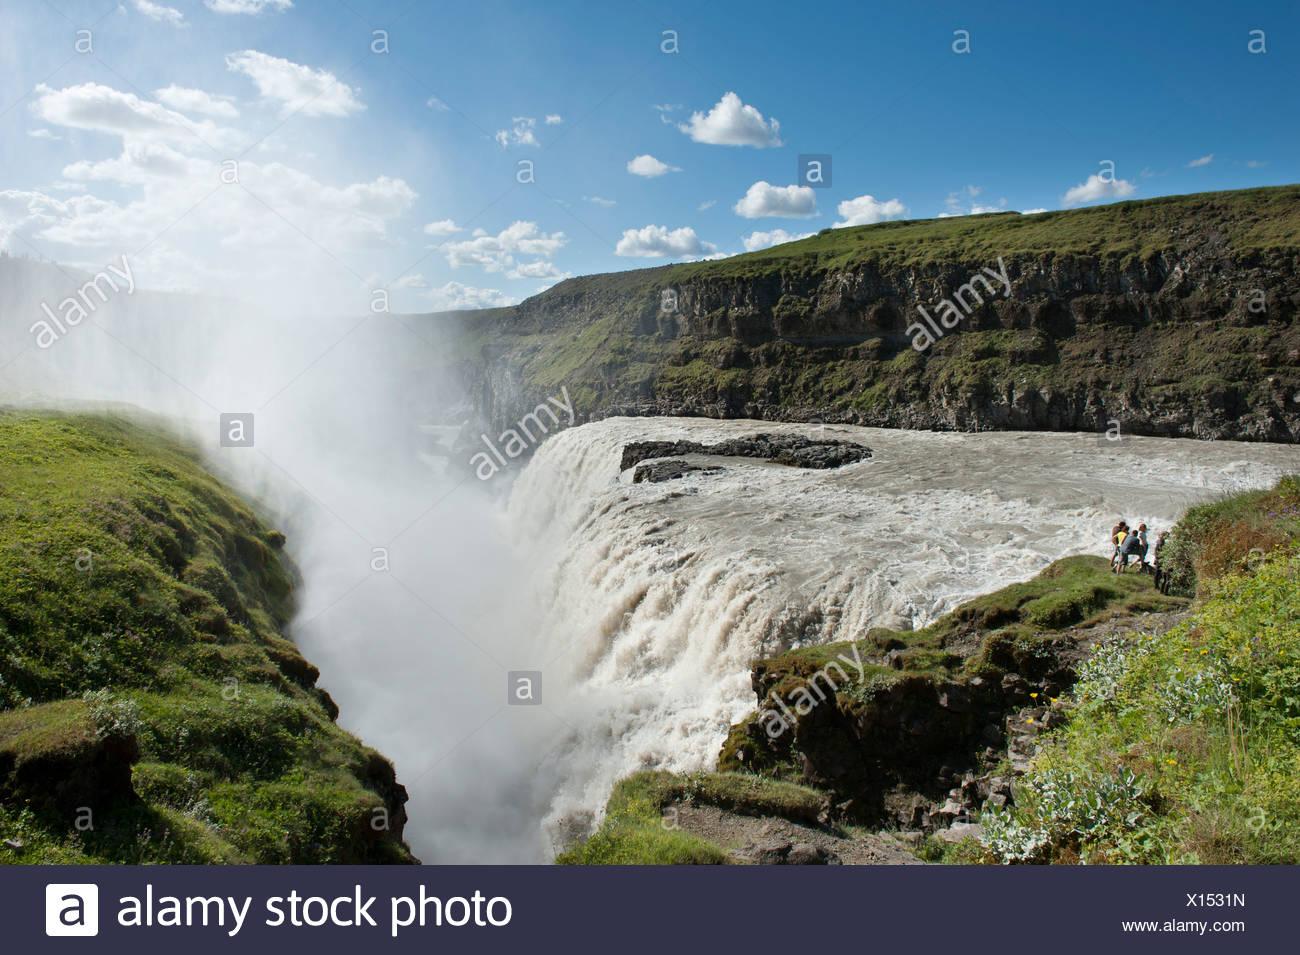 Grandi Cascate Gullfoss, Hvítá river con spray e rainbow, Golden Circle, Islanda, Scandinavia, Nord Europa, Europa Immagini Stock